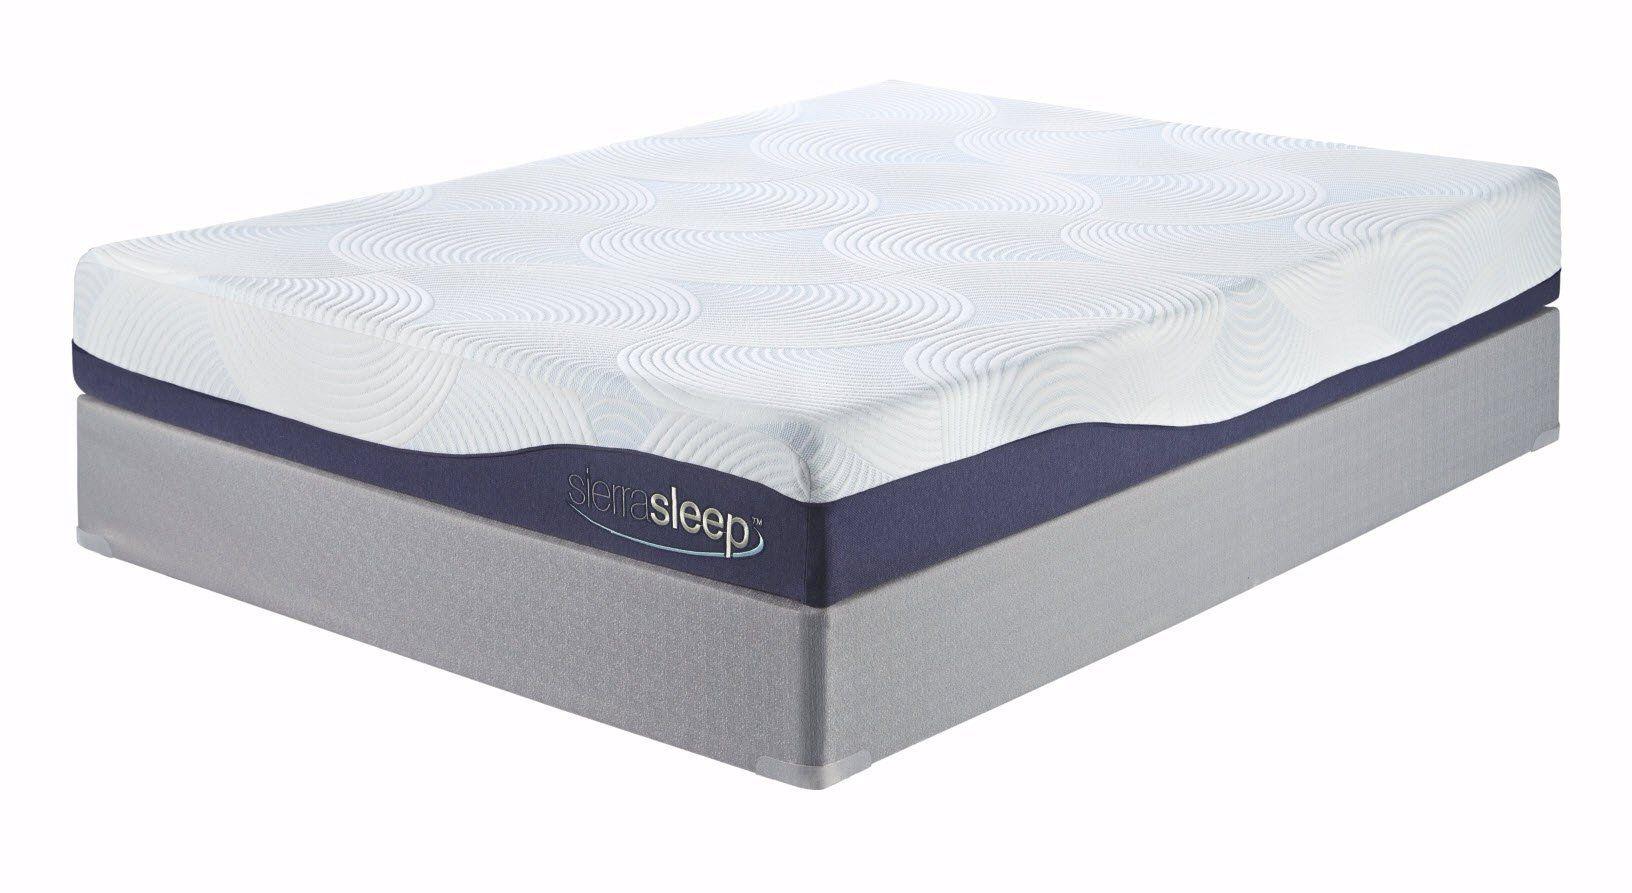 sierra sleep by ashley 9 memory foam and gel mattress king size